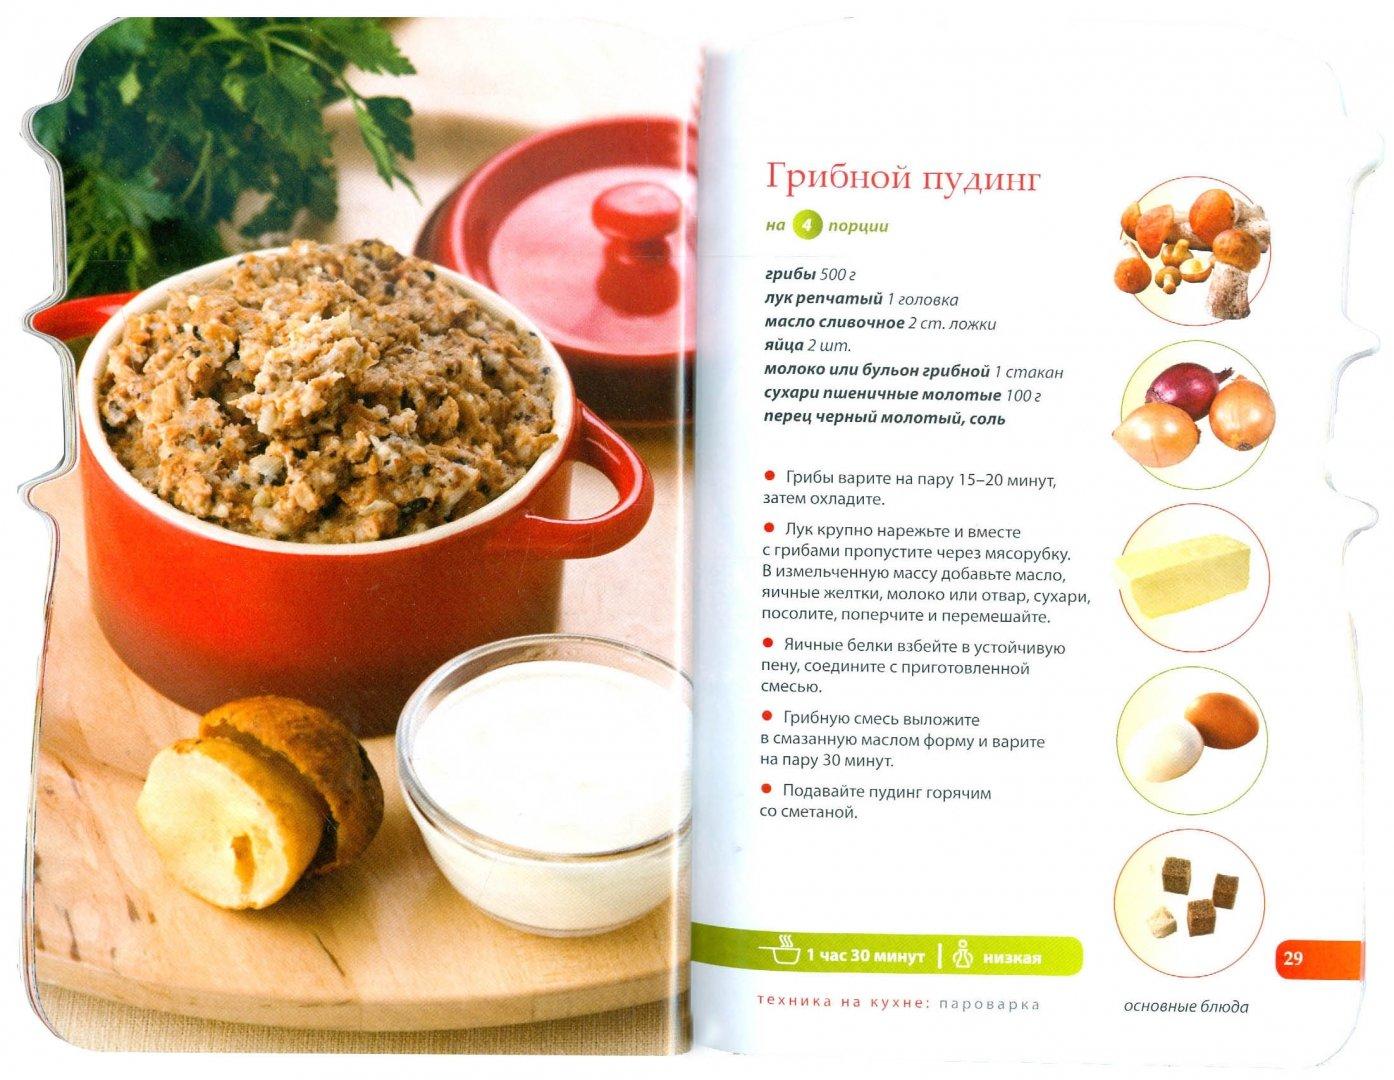 Иллюстрация 1 из 7 для Пароварка. Техника на кухне   Лабиринт - книги. Источник: Лабиринт